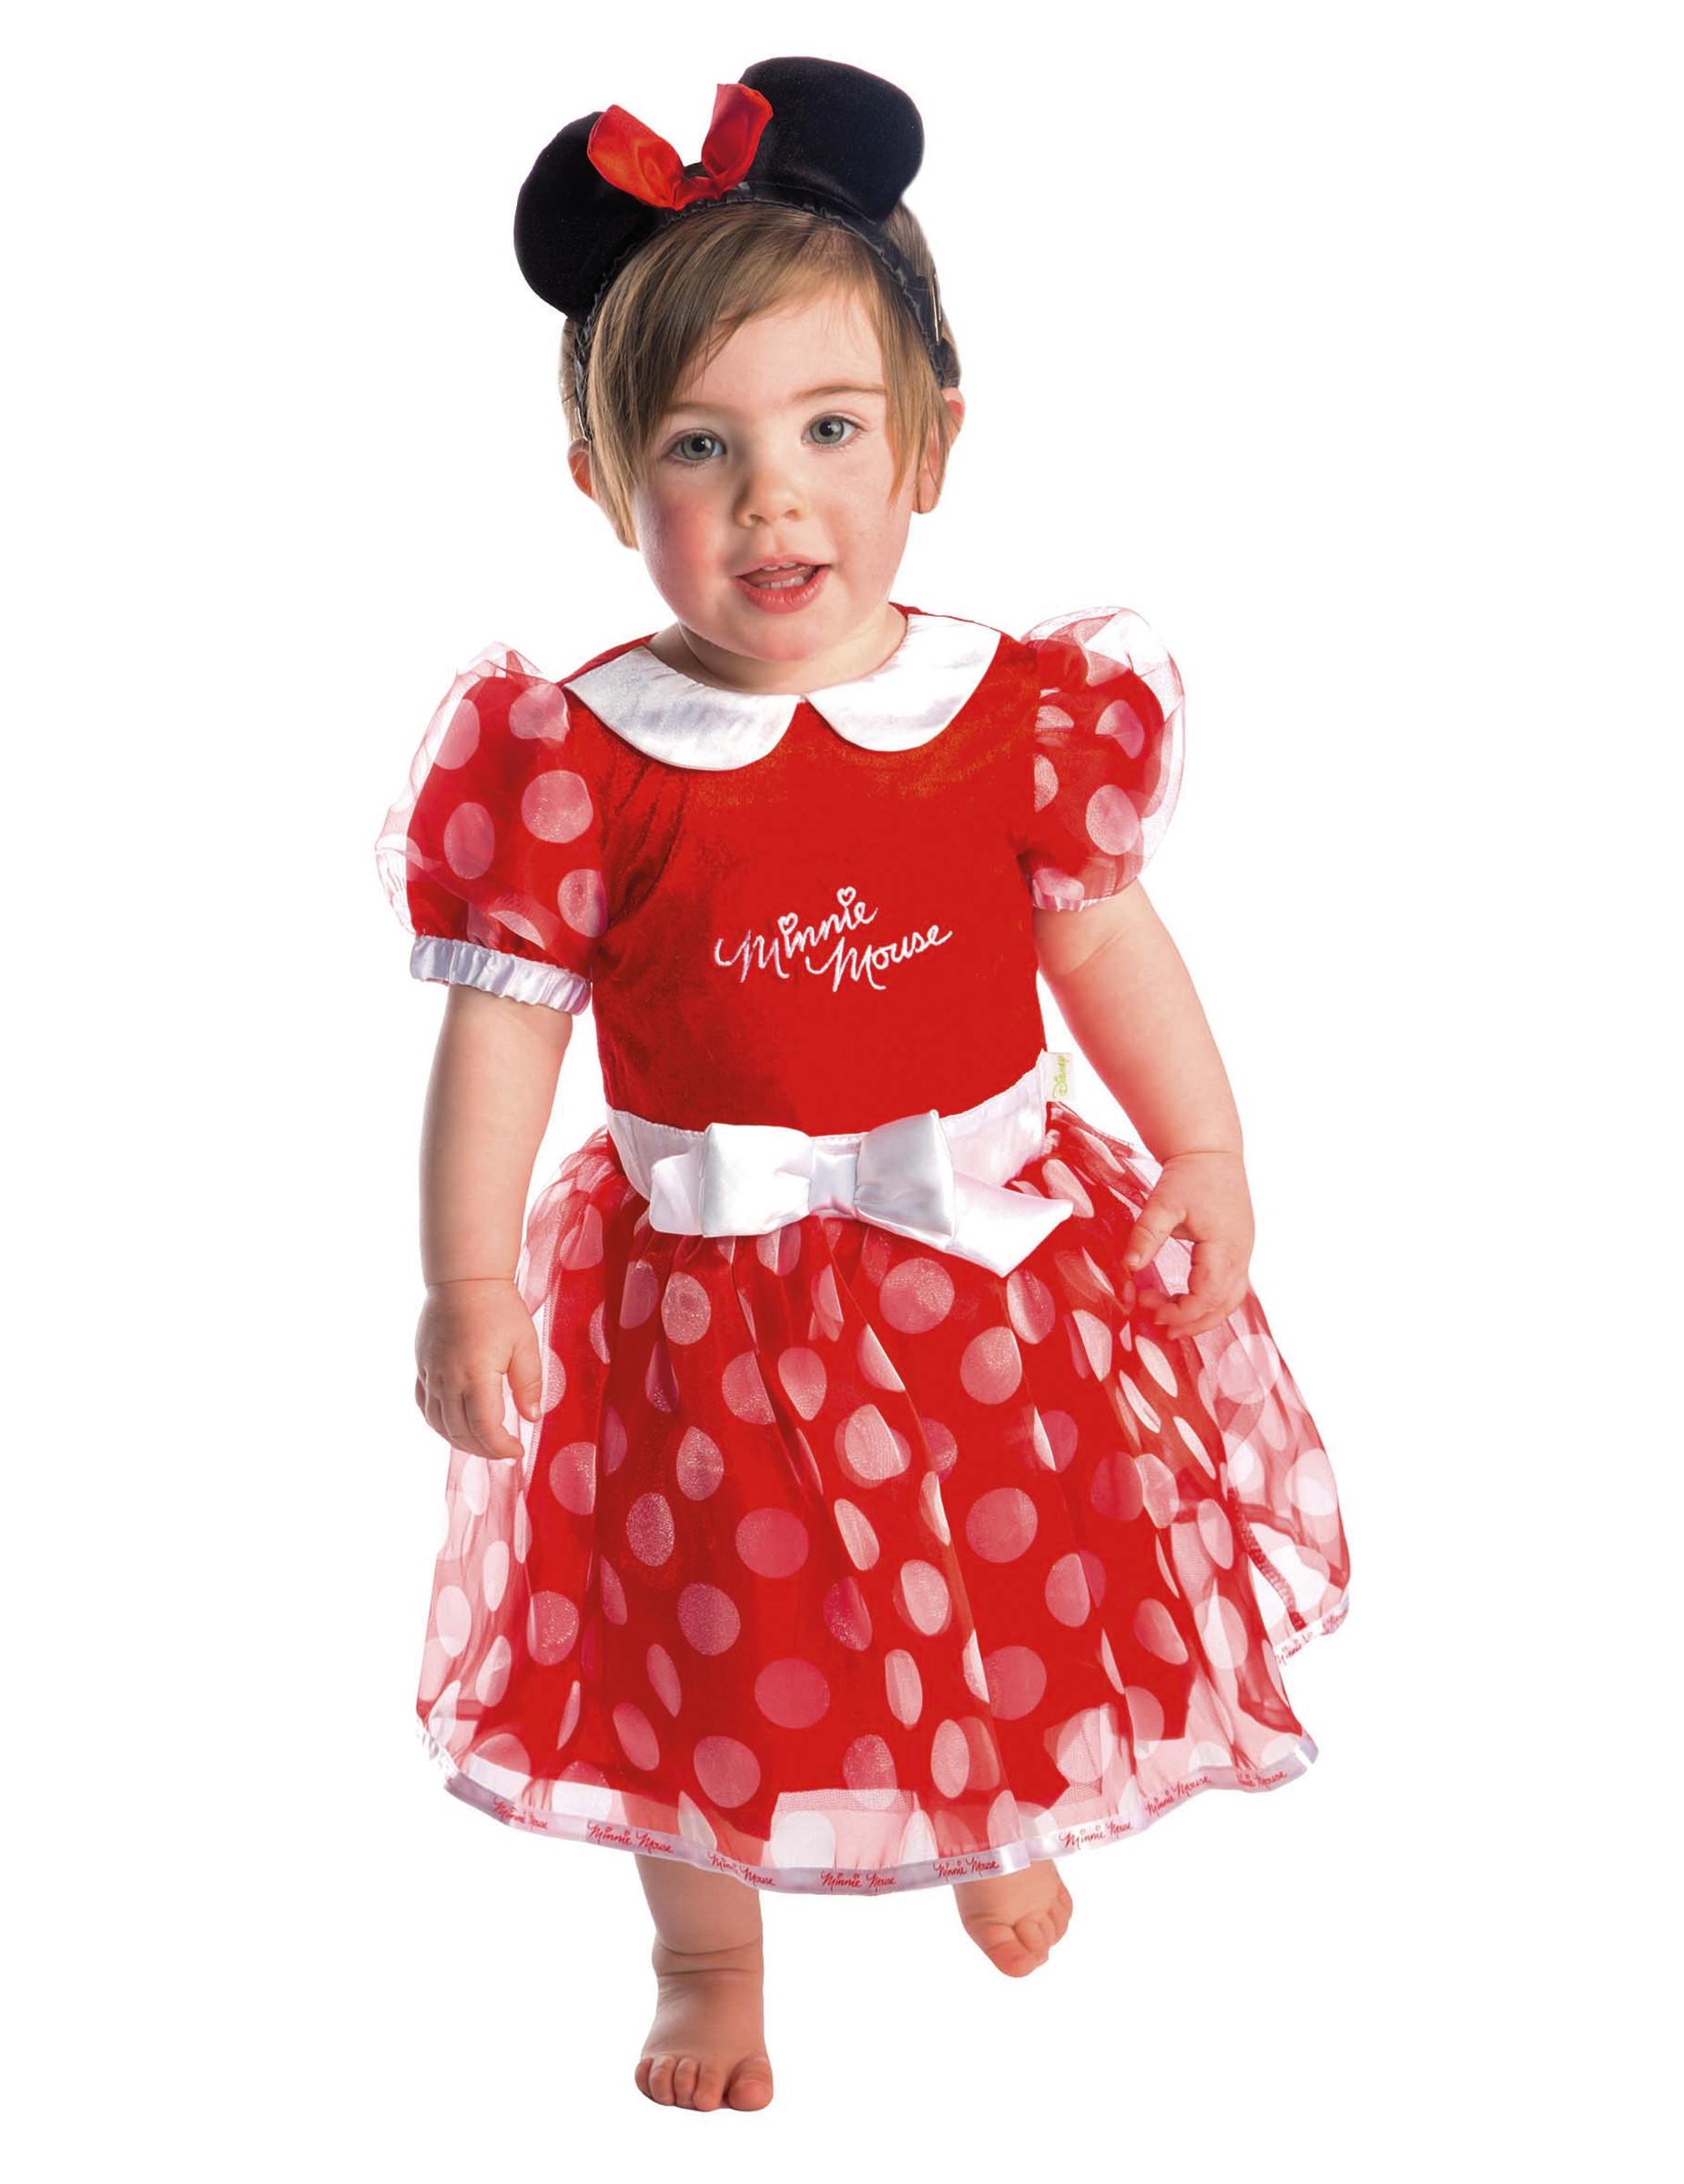 D guisement luxe minnie b b deguise toi achat de d guisements enfants - Image minnie bebe ...